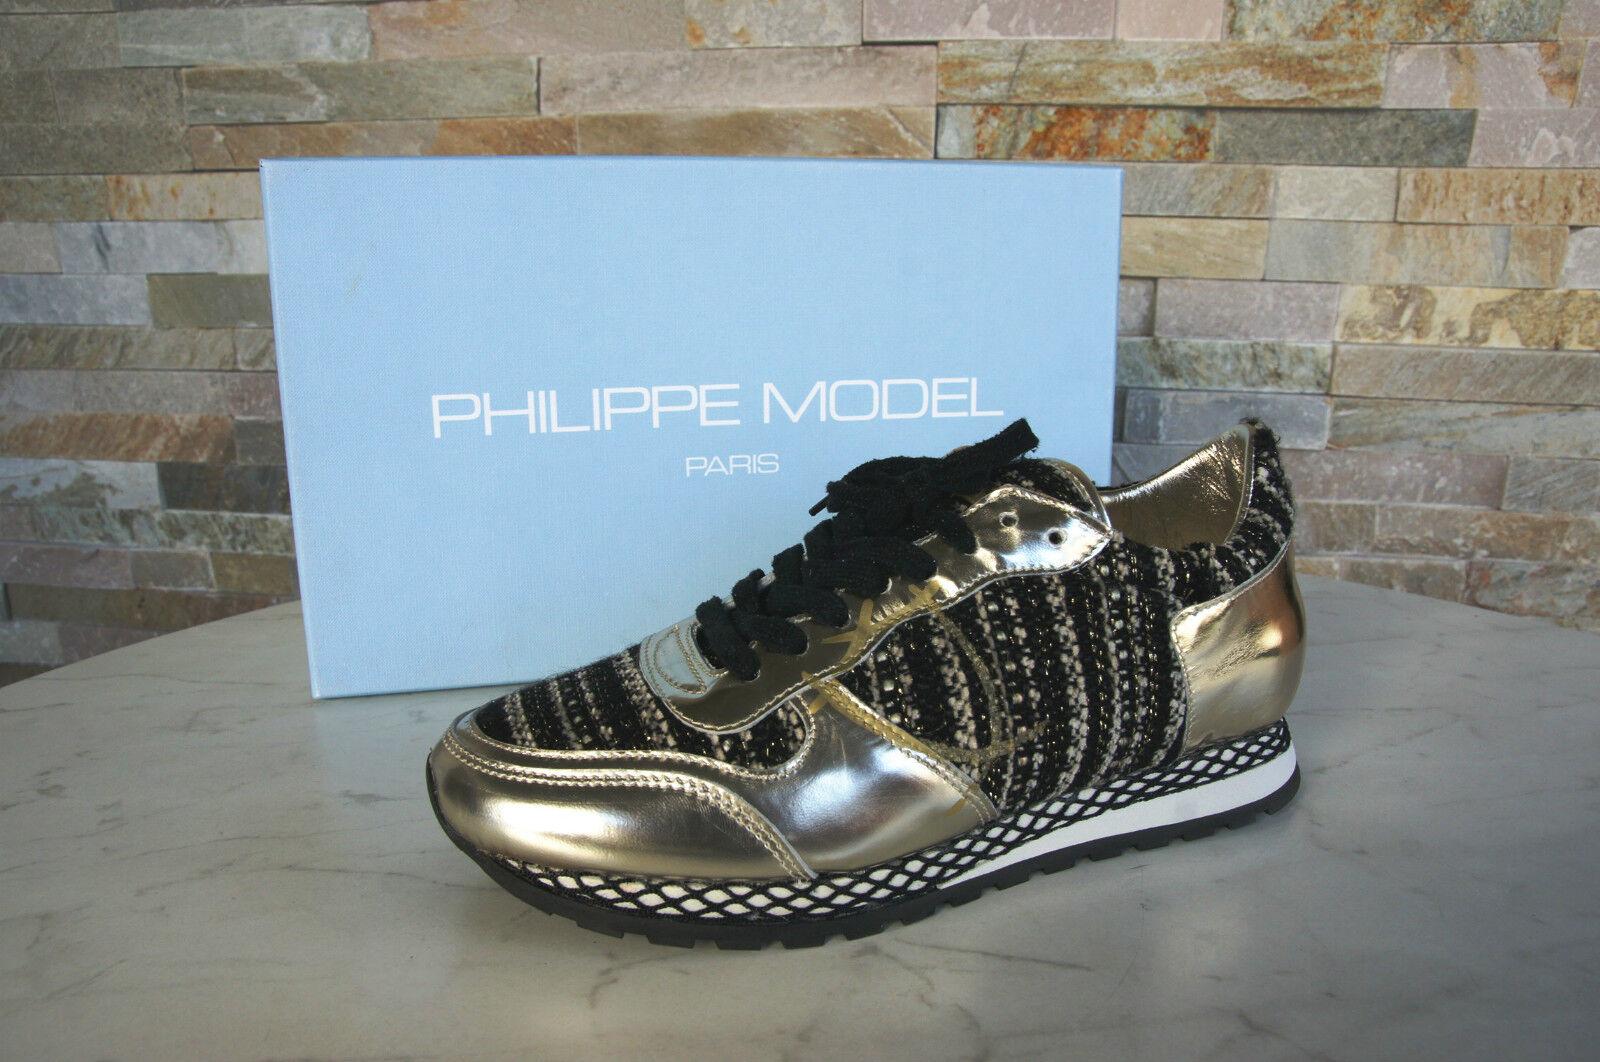 Philippe Model Paris Paris Paris Gr 38 Zapatillas Especial Resau Bassa Zapatos Nuevo Antiguo  buena reputación